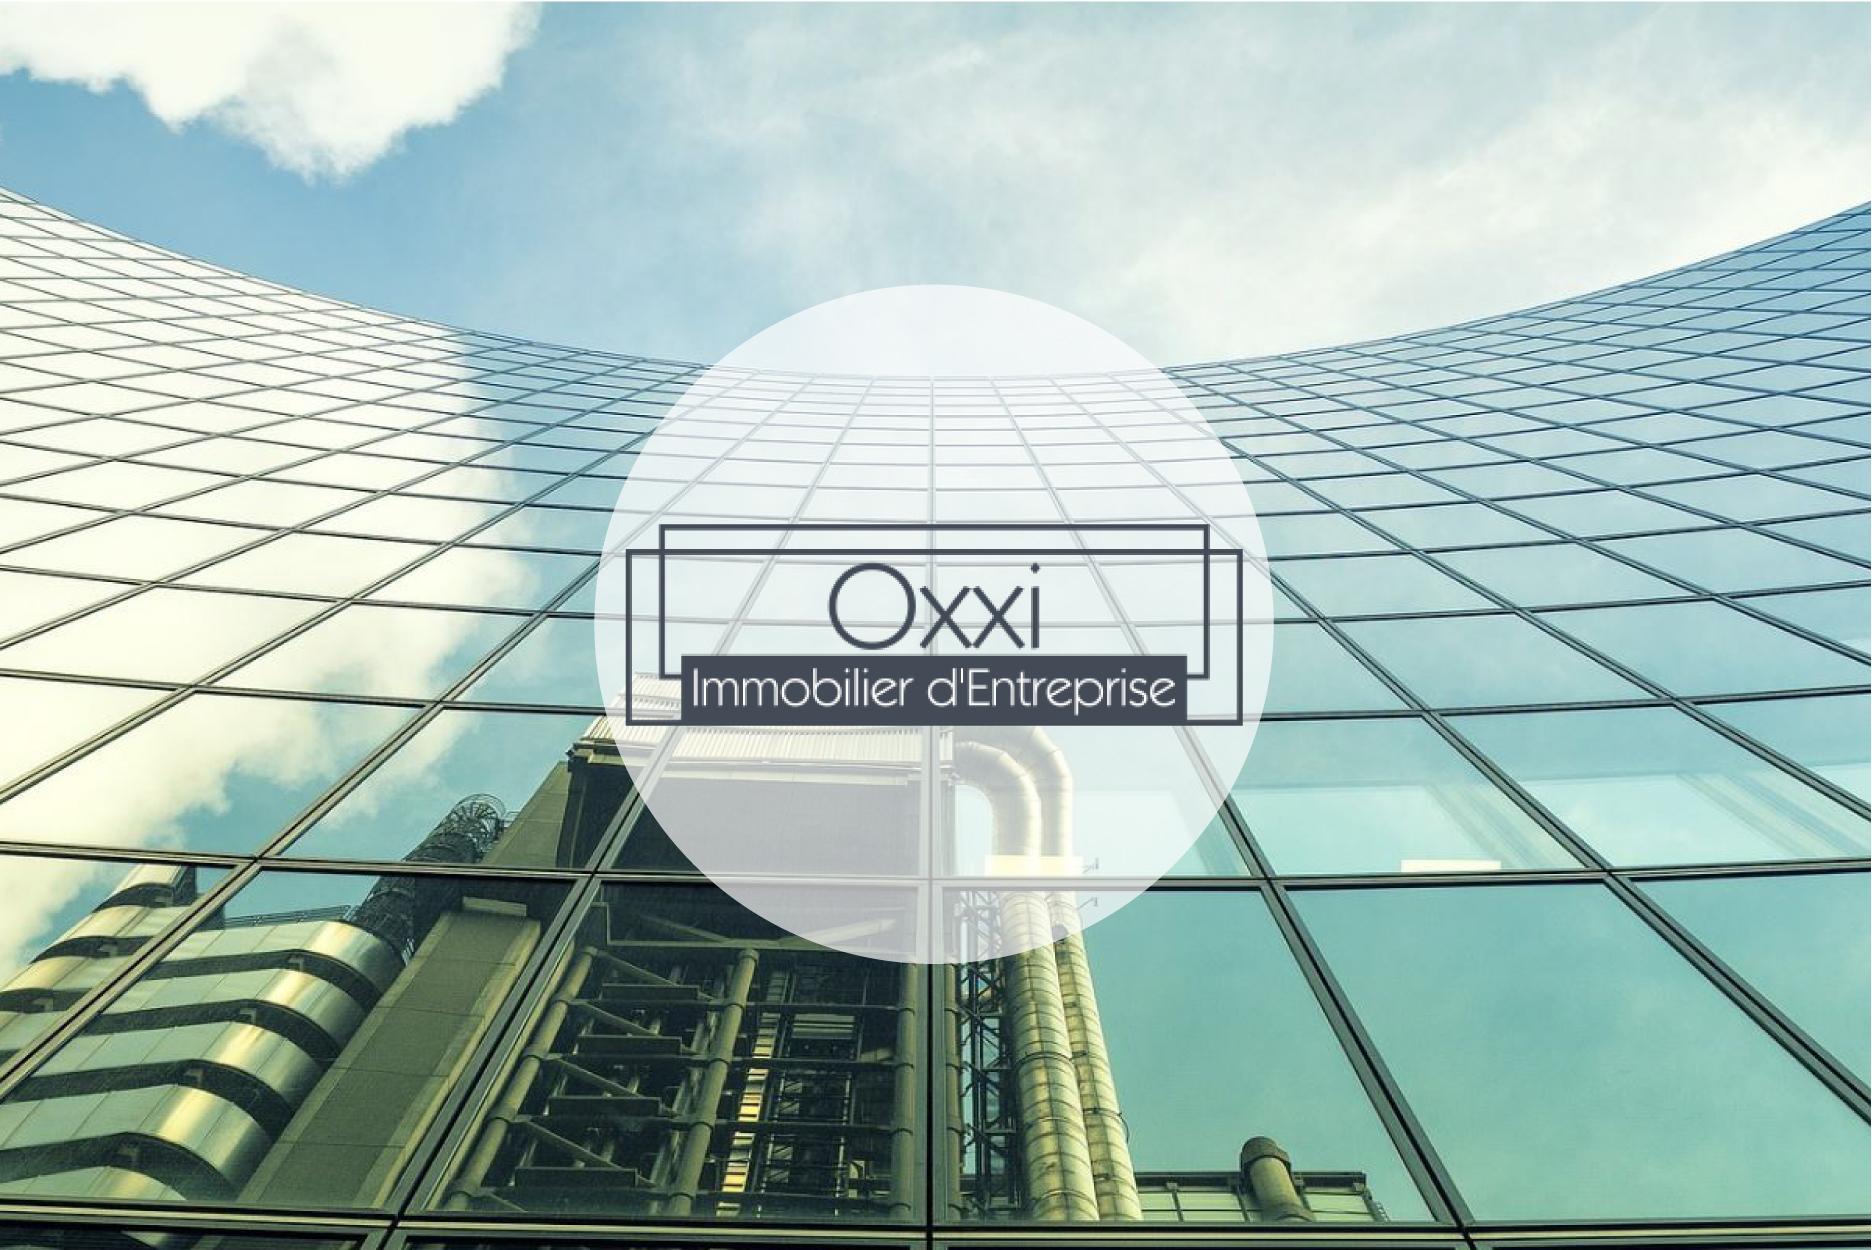 Oxxi publie ses annonces sur Geolocaux.com